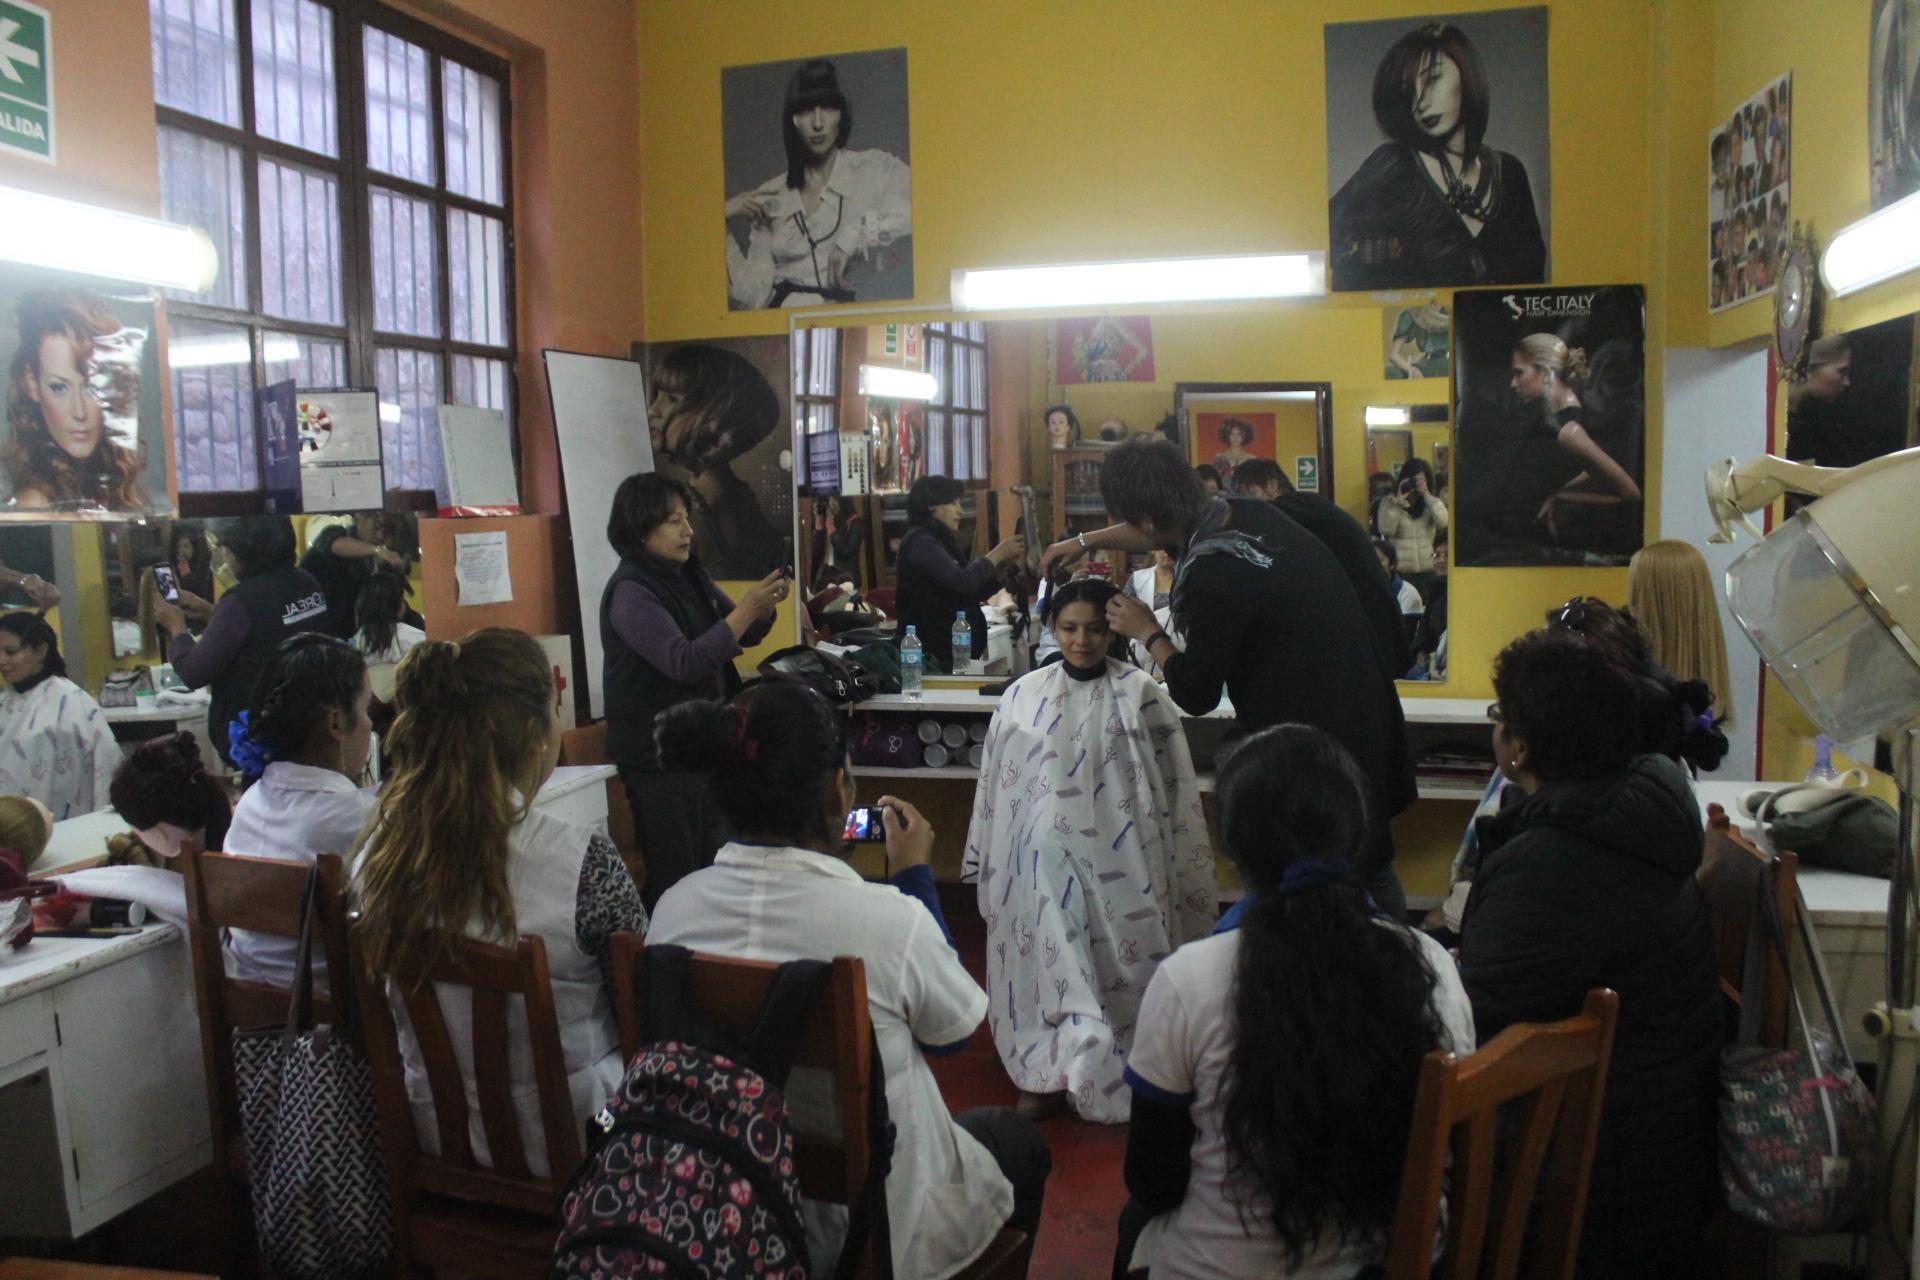 cuzcoクスコの美容室